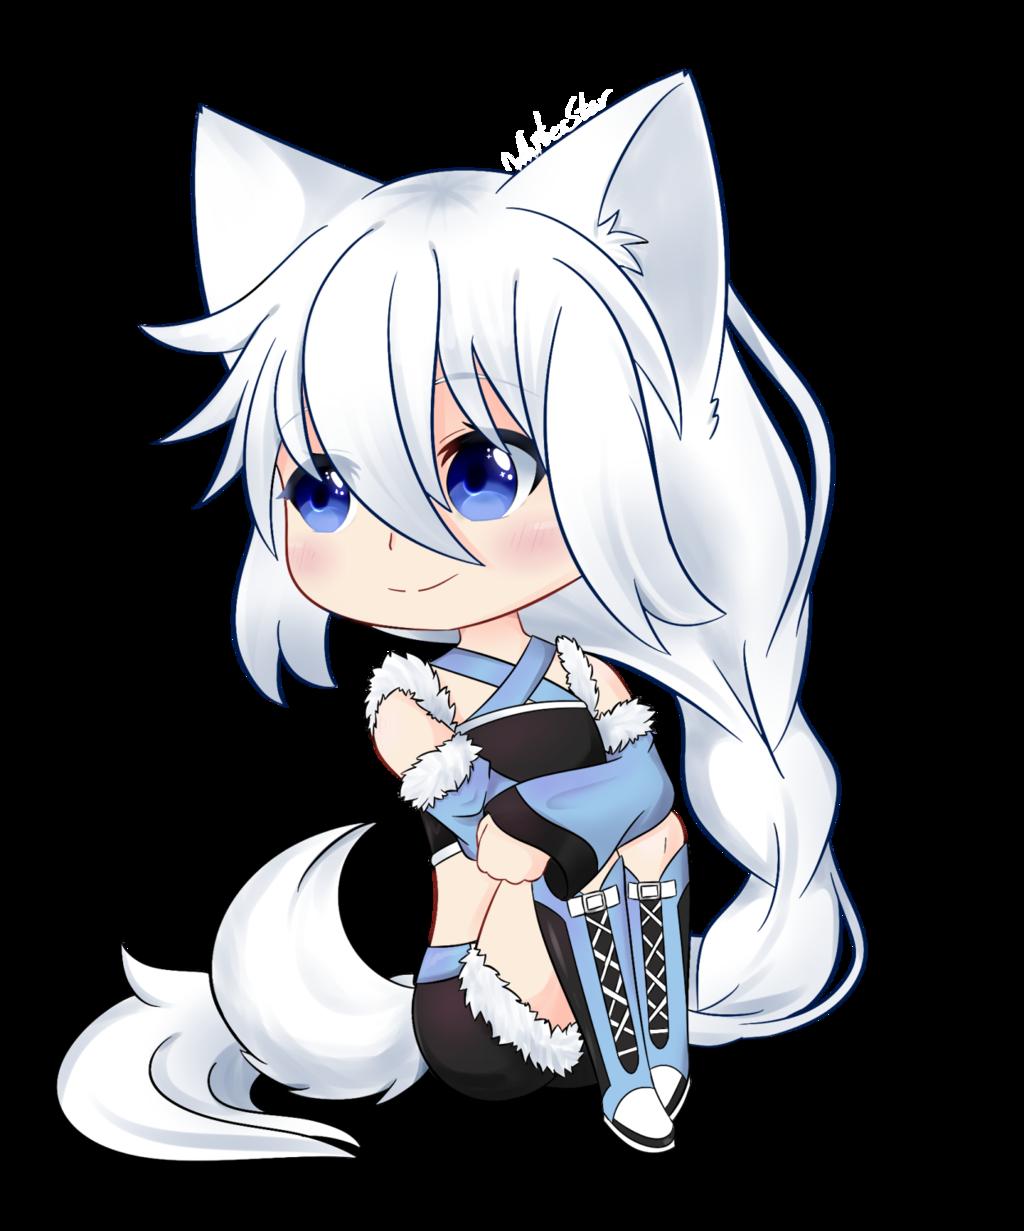 Image Result For Chibi Anime Wolf Girl Anime Chibi Chibi